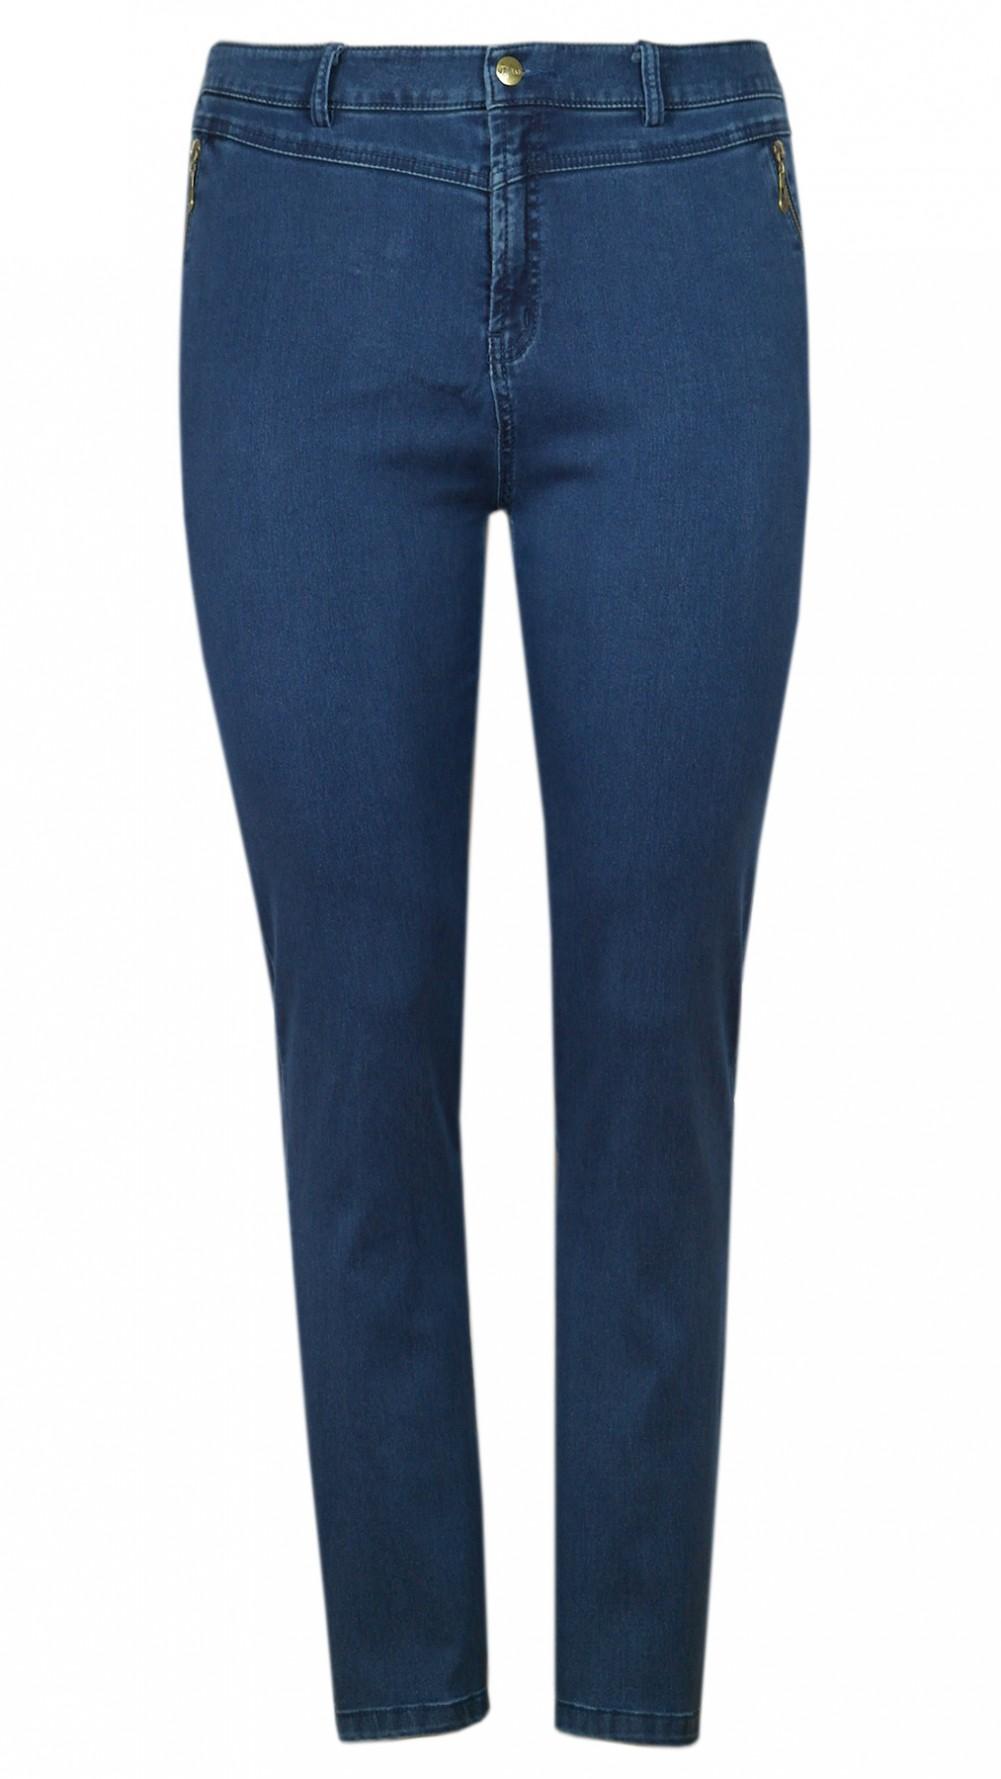 Damen Stretch-Jeans mit seitlichem Dehnbund - Blue/Front